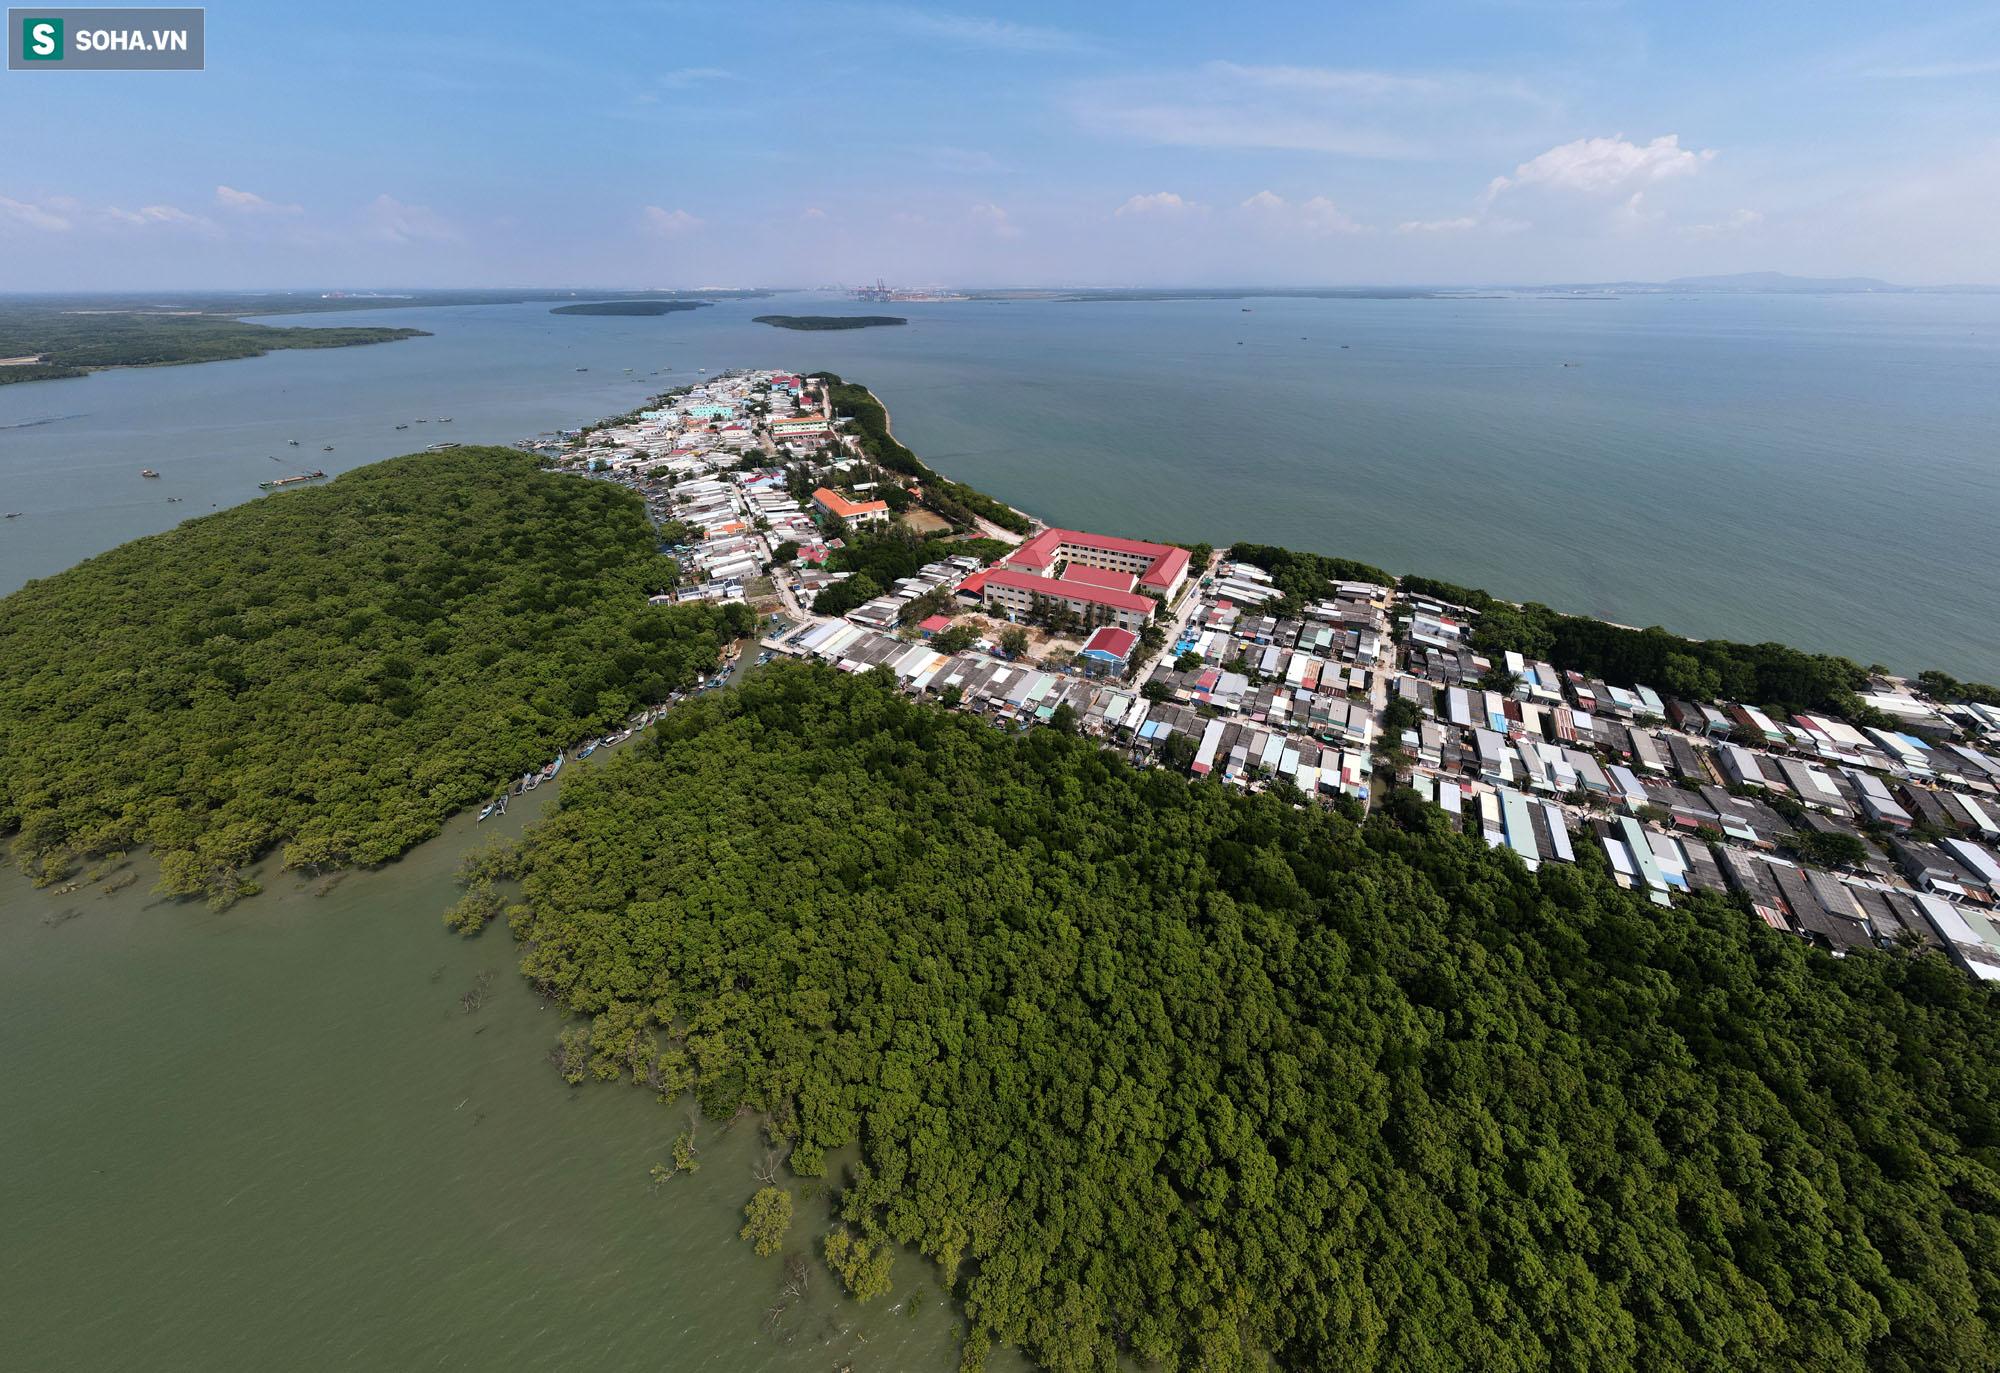 Nằm giữa biển Cần Giờ có một hòn đảo đẹp ngỡ ngàng, hoang sơ, rất ít người biết ở TP.HCM - Ảnh 16.